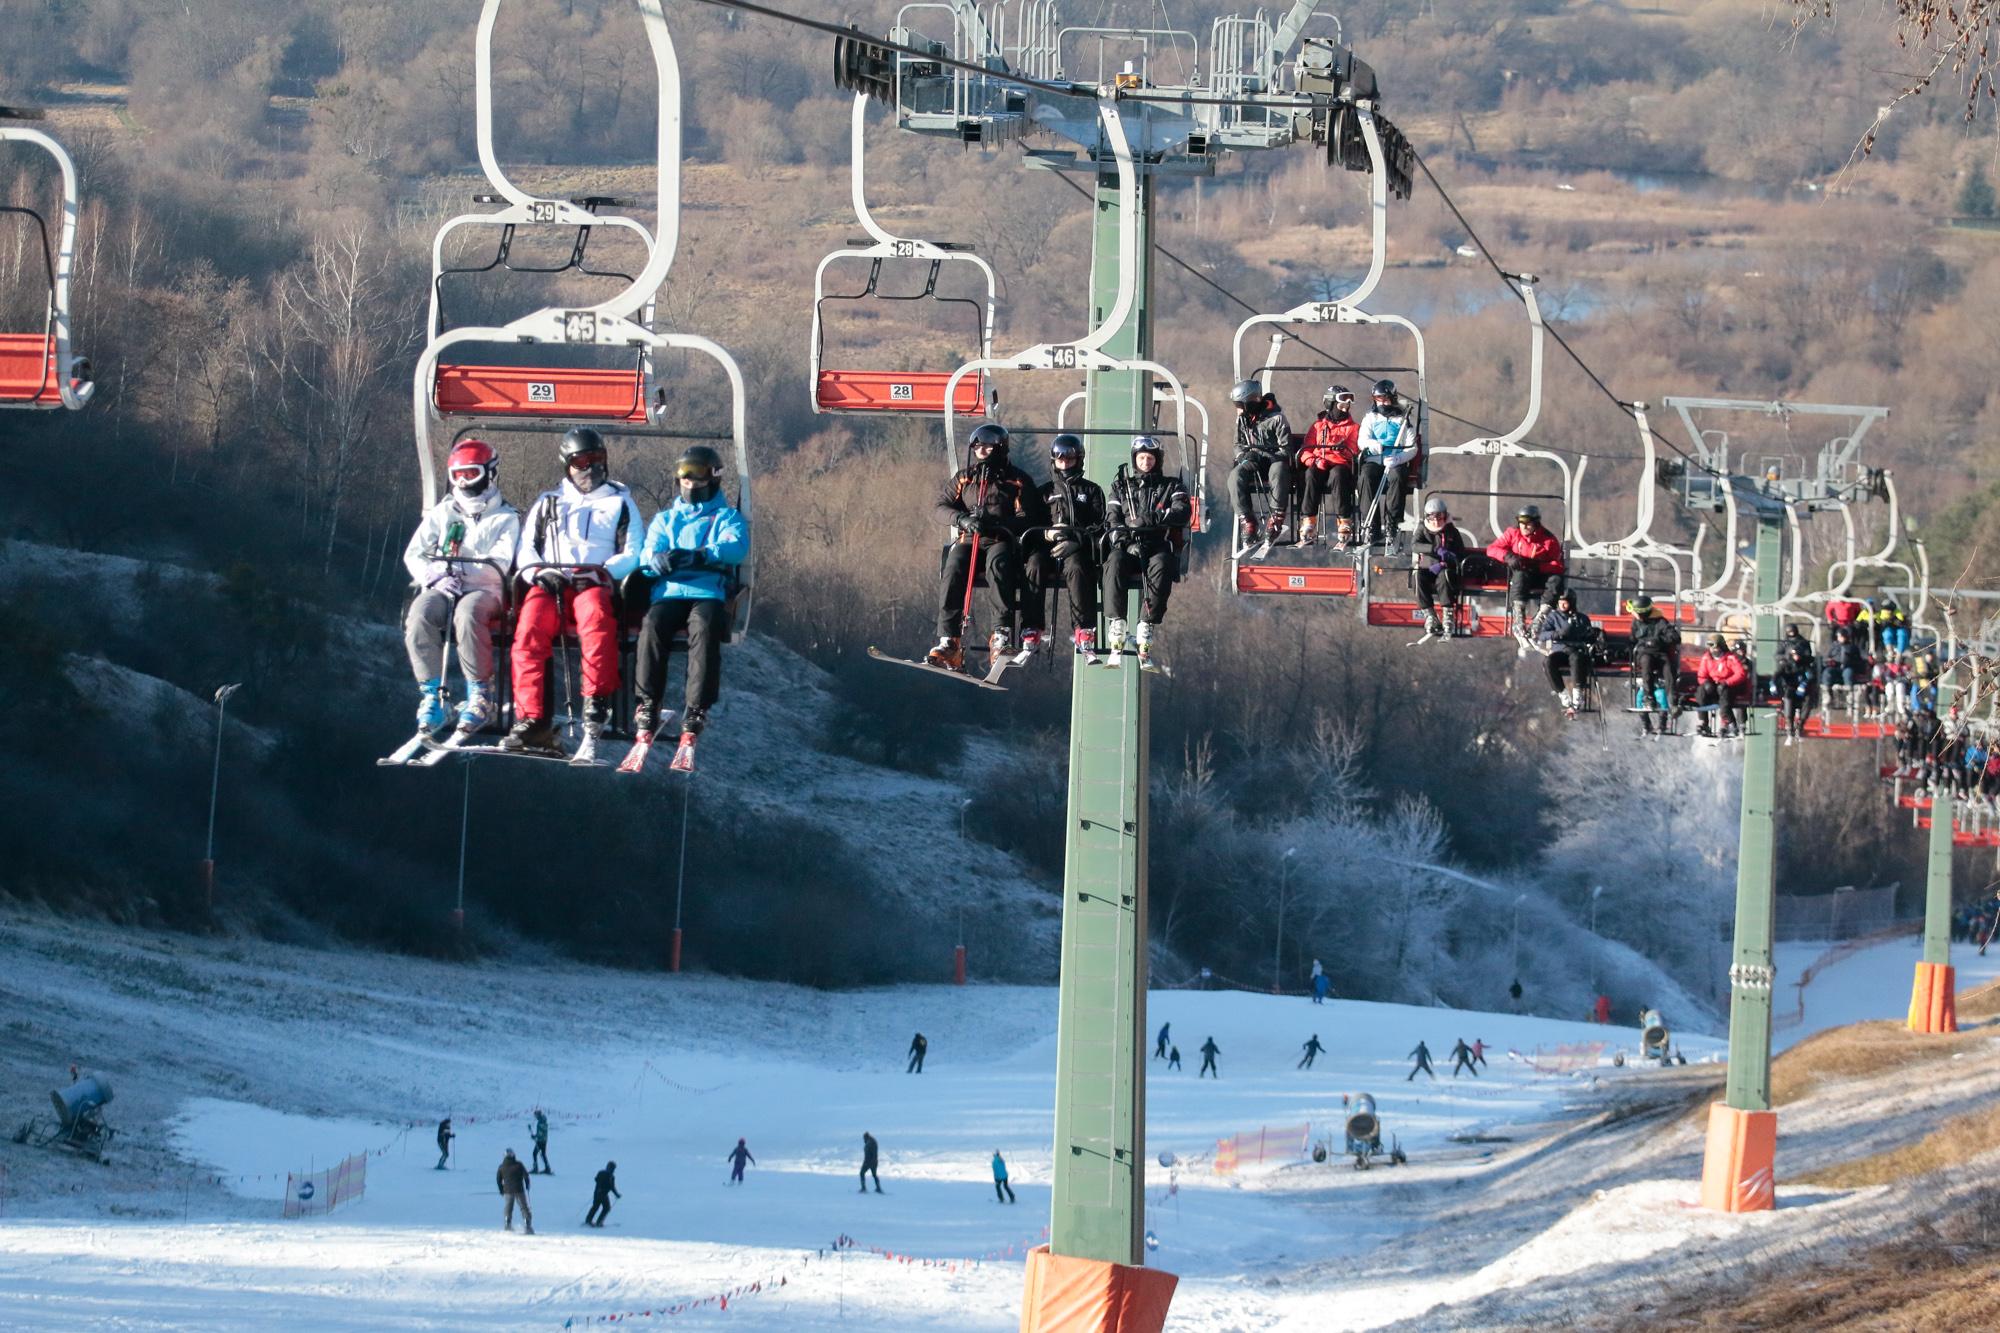 Błąd roku w rządowym dokumencie! Wyciągi narciarskie mogą być otwarte! - Zdjęcie główne